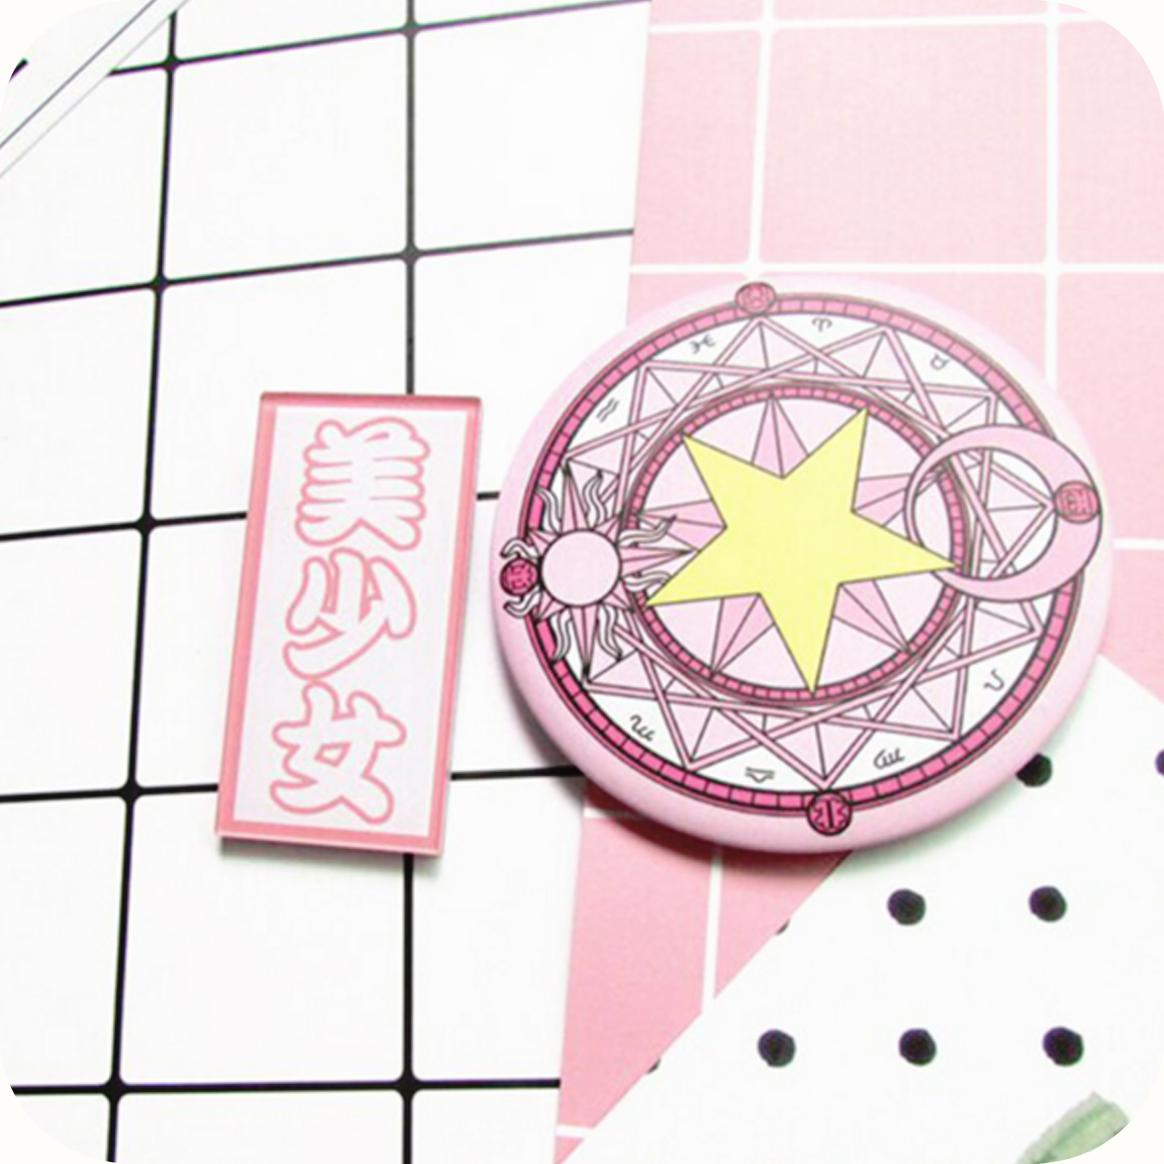 魔卡少女櫻化妝鏡百變小櫻隨身鏡子魔法陣圓鏡子動漫周邊漫展貨